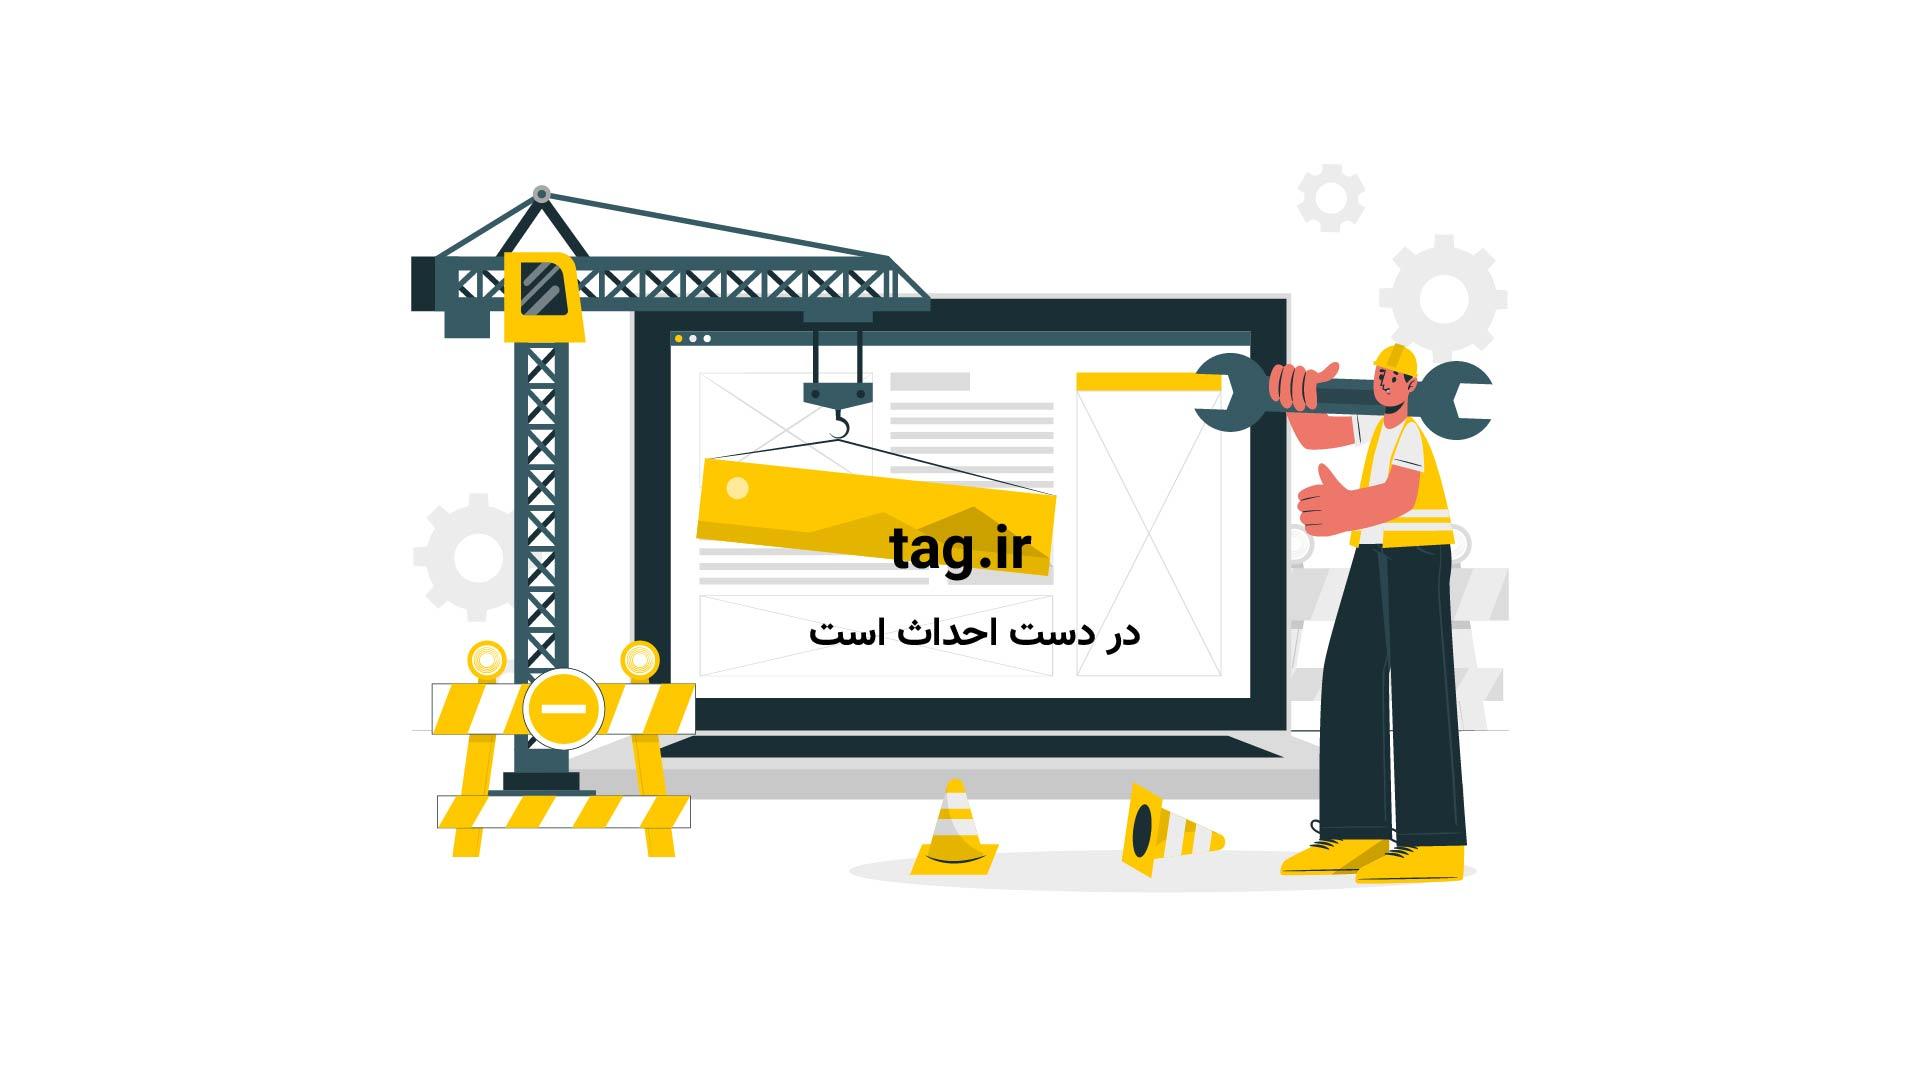 رقابت جذاب تنیس روی میز از سوپر لیگ چین | فیلم کامل